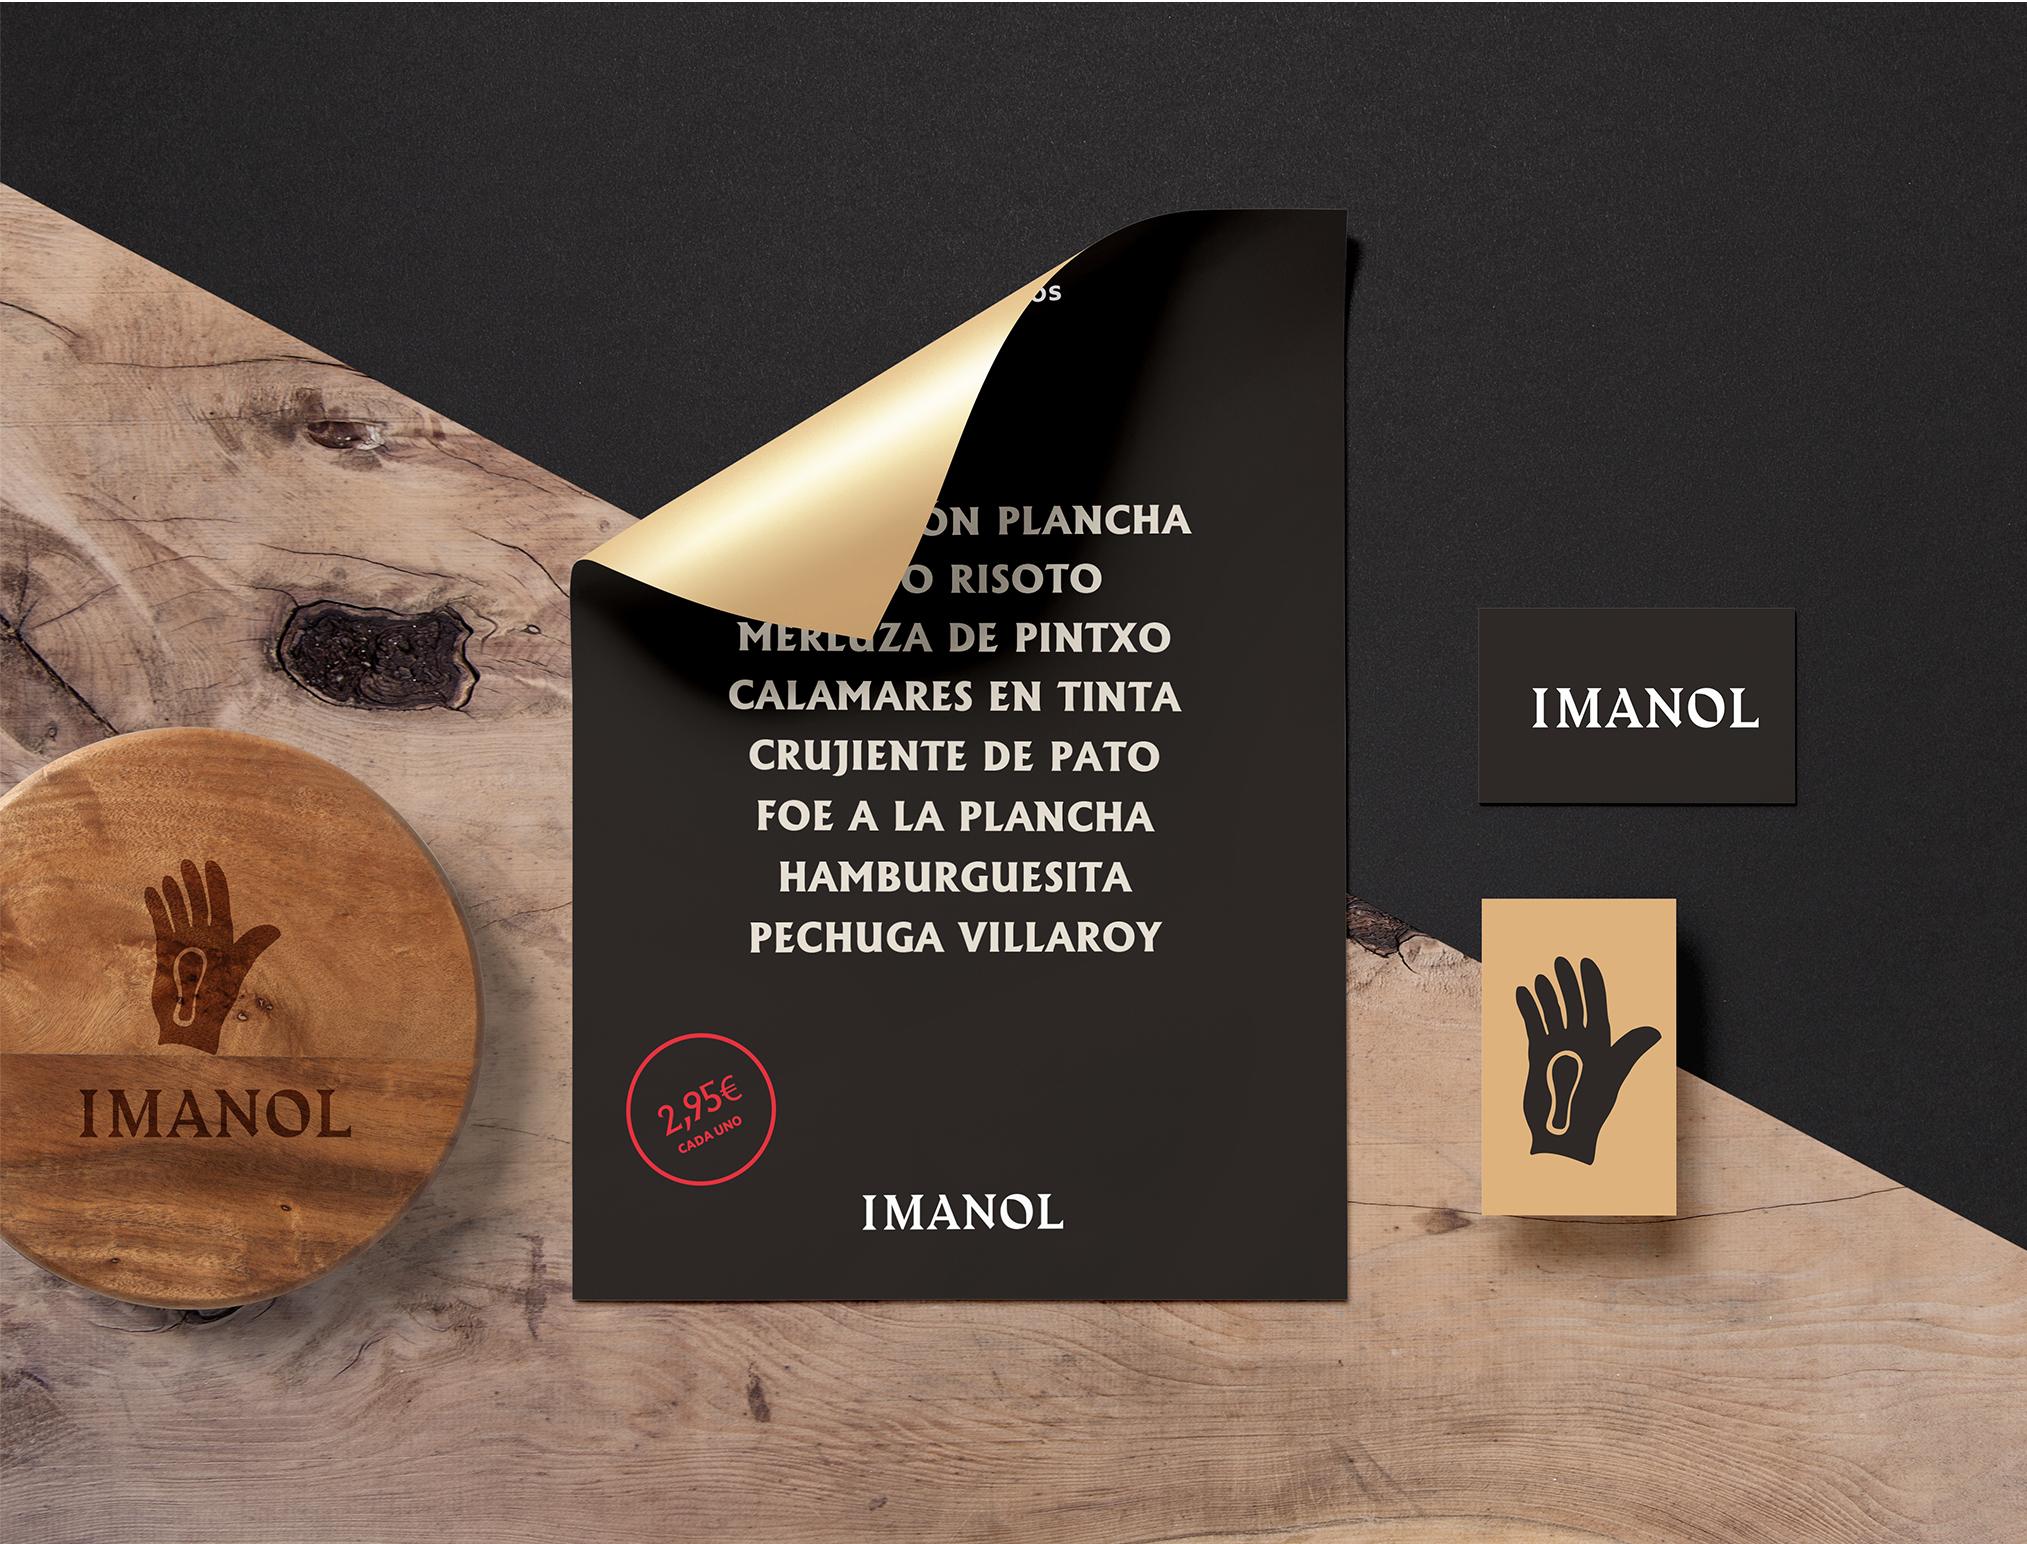 imanol-angel-espinosa-006